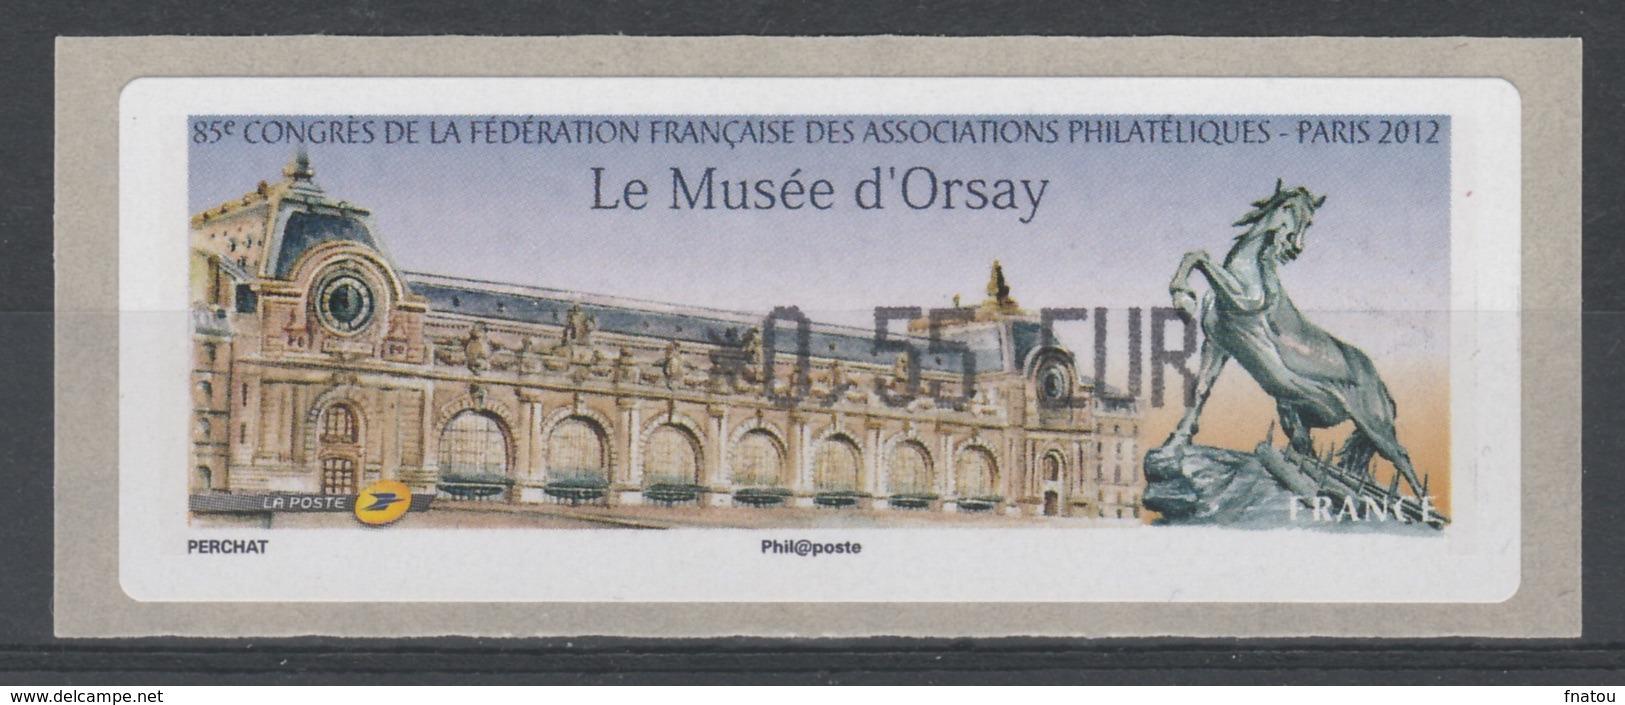 """France, ATM Label, """"le Musée D'Orsay"""", Paris, 2012, 0,55€, MNH VF - France"""